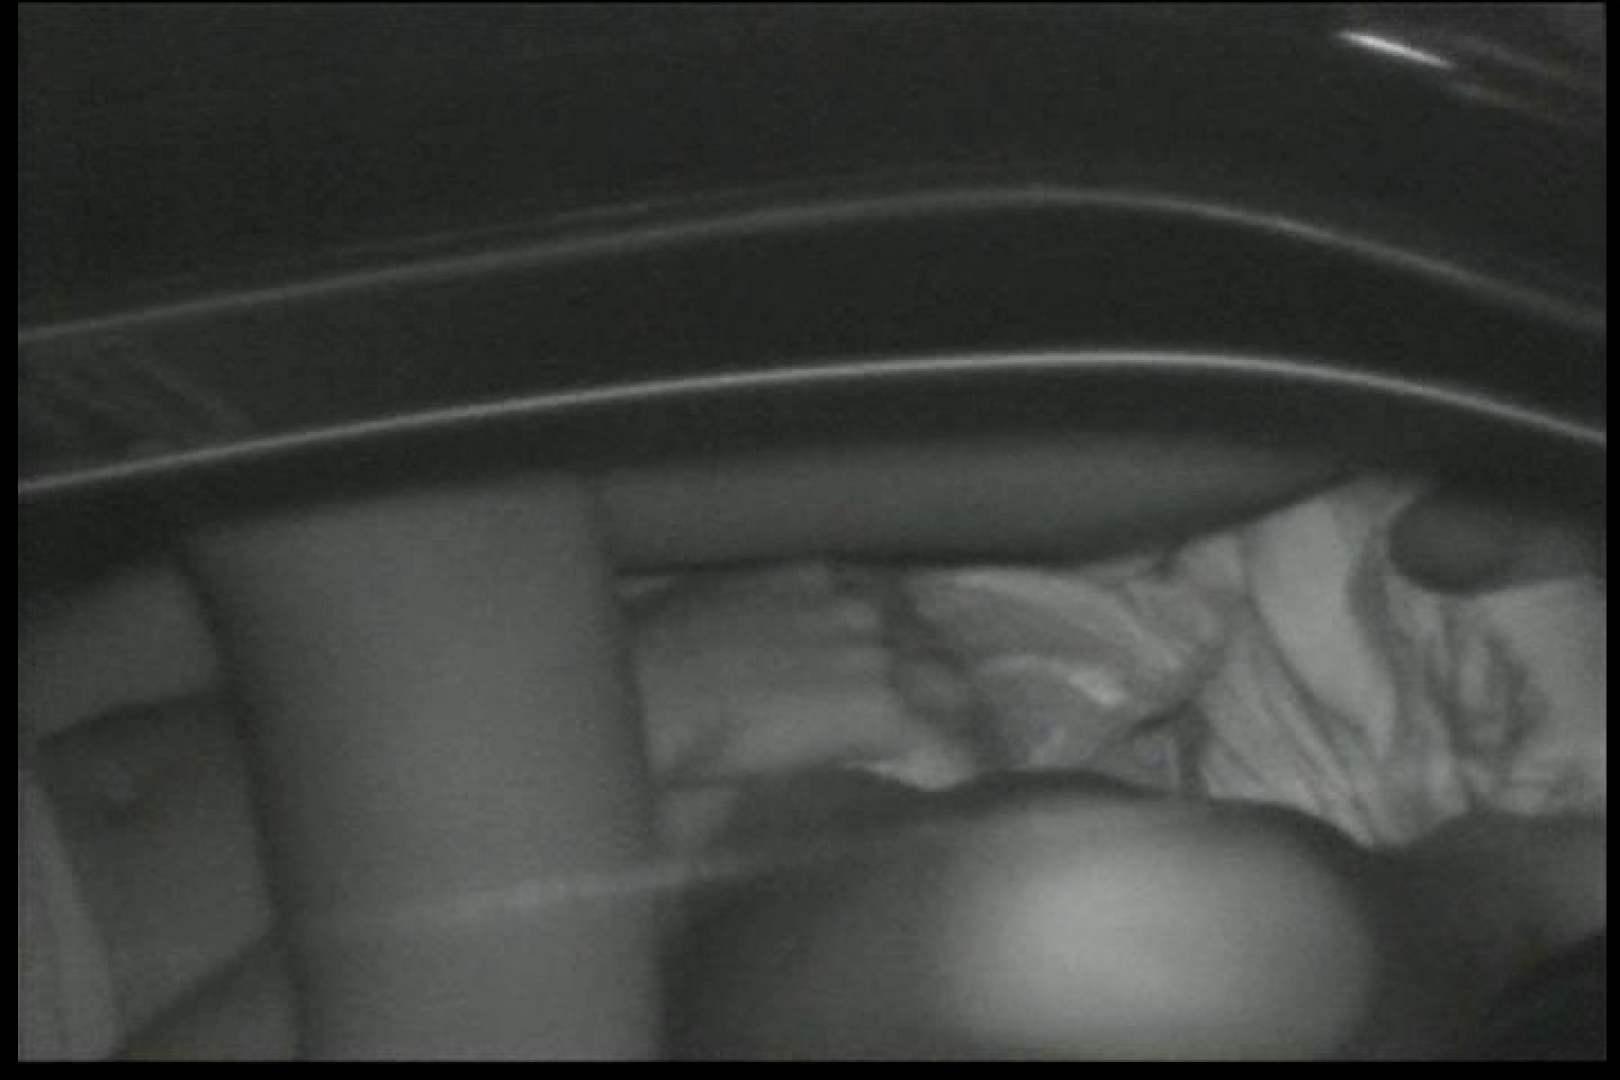 車の中はラブホテル 無修正版  Vol.12 美女OL われめAV動画紹介 109連発 74